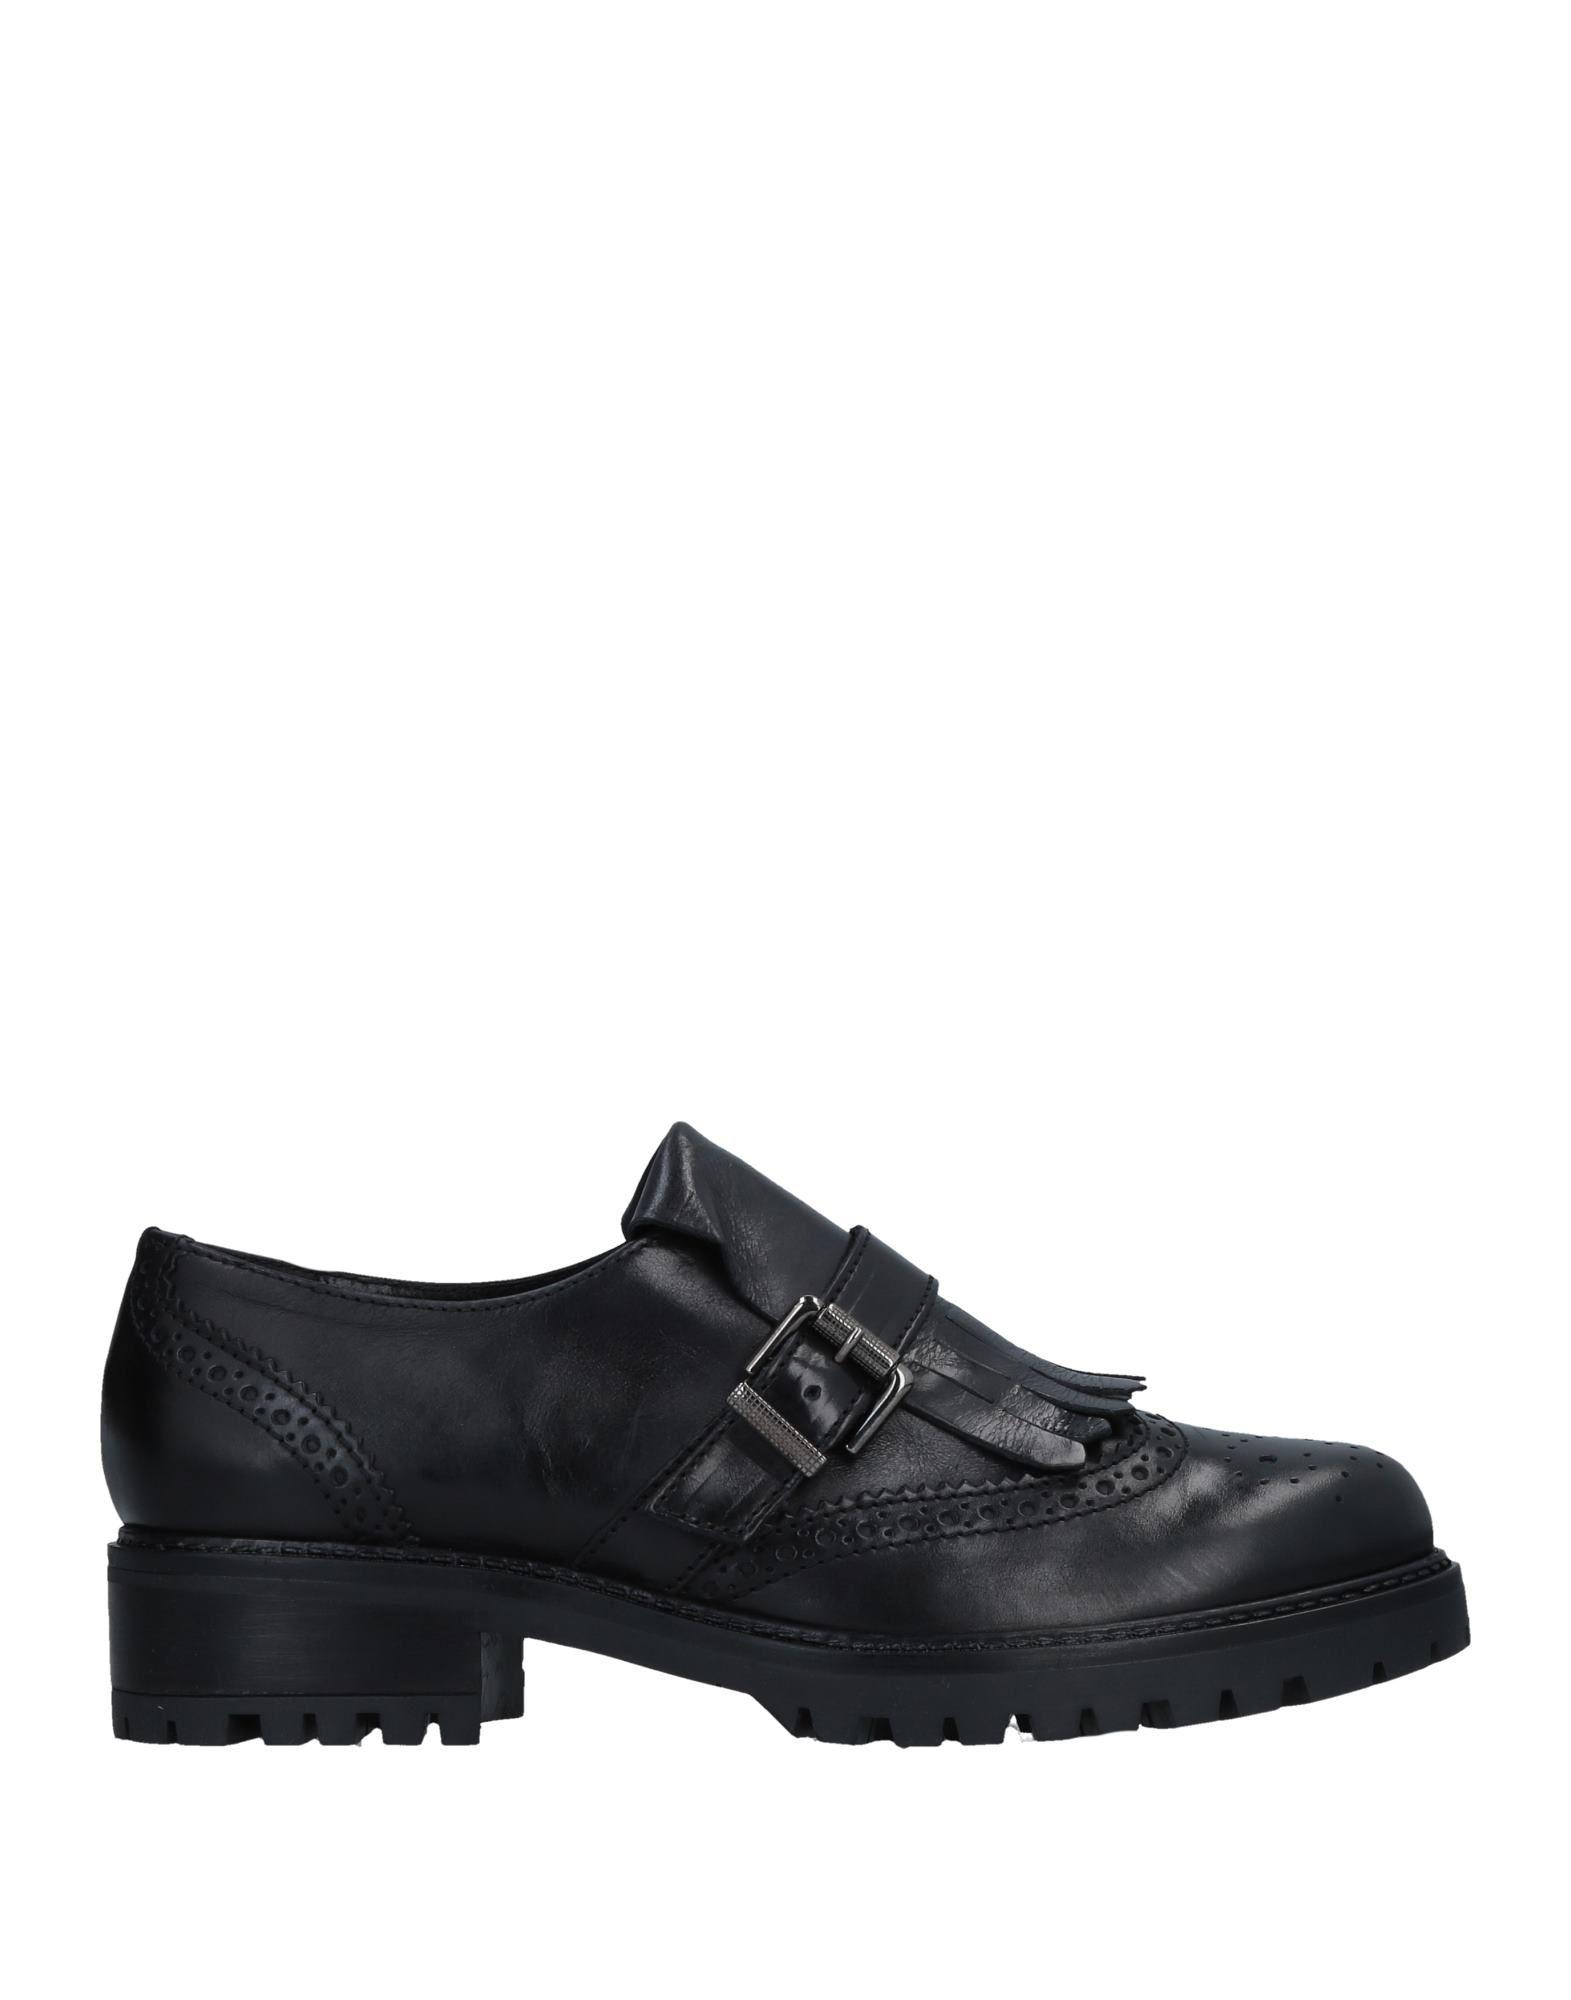 Donna Più Mokassins Damen  11511501BB Gute Qualität beliebte Schuhe